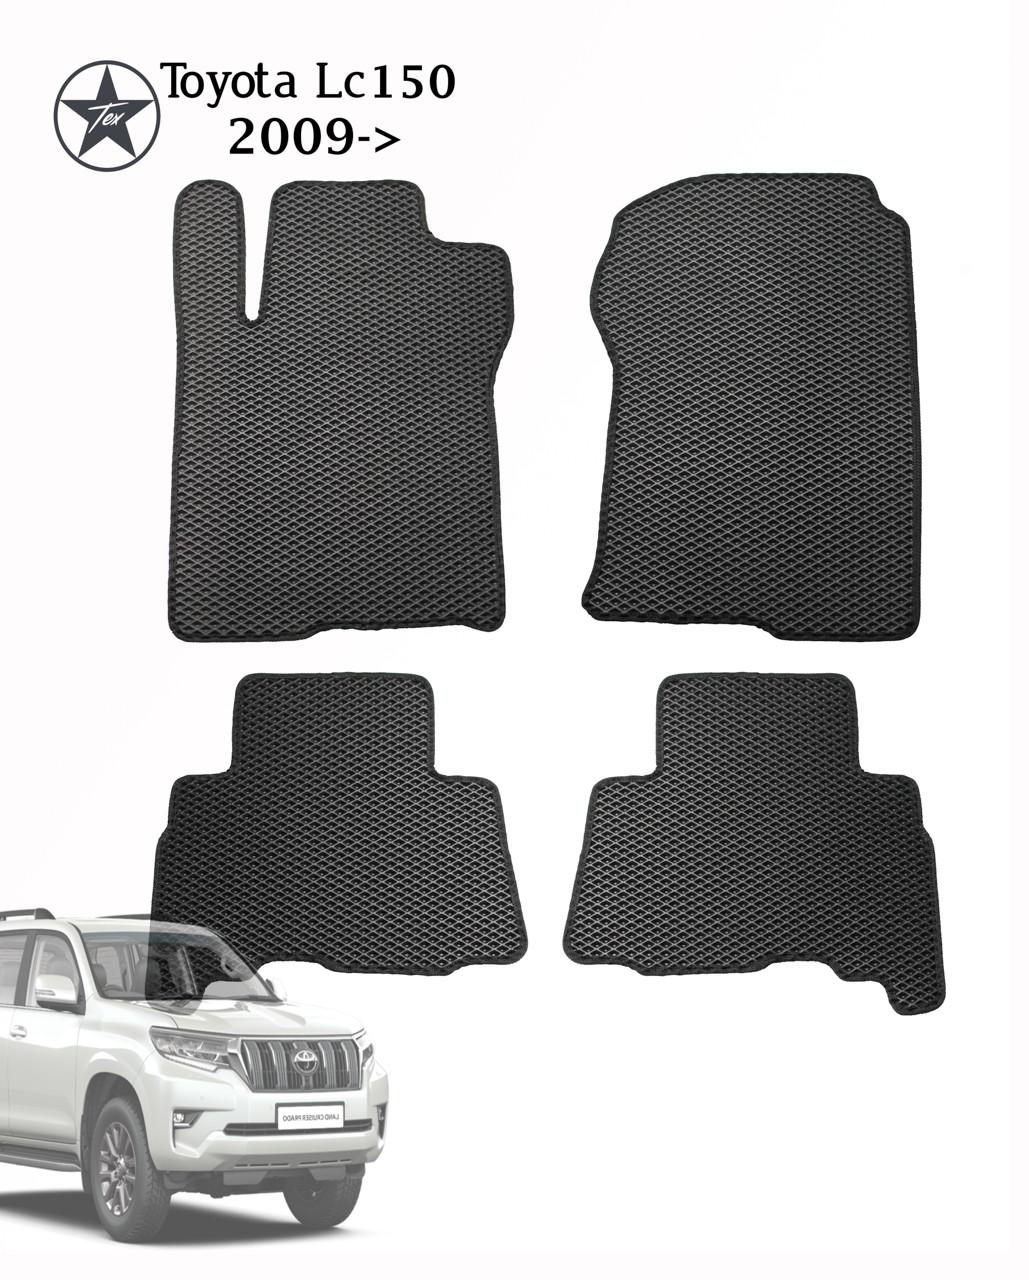 Коврики EVA в салон Toyota LC Prado 150 2009-. Star-Tex.